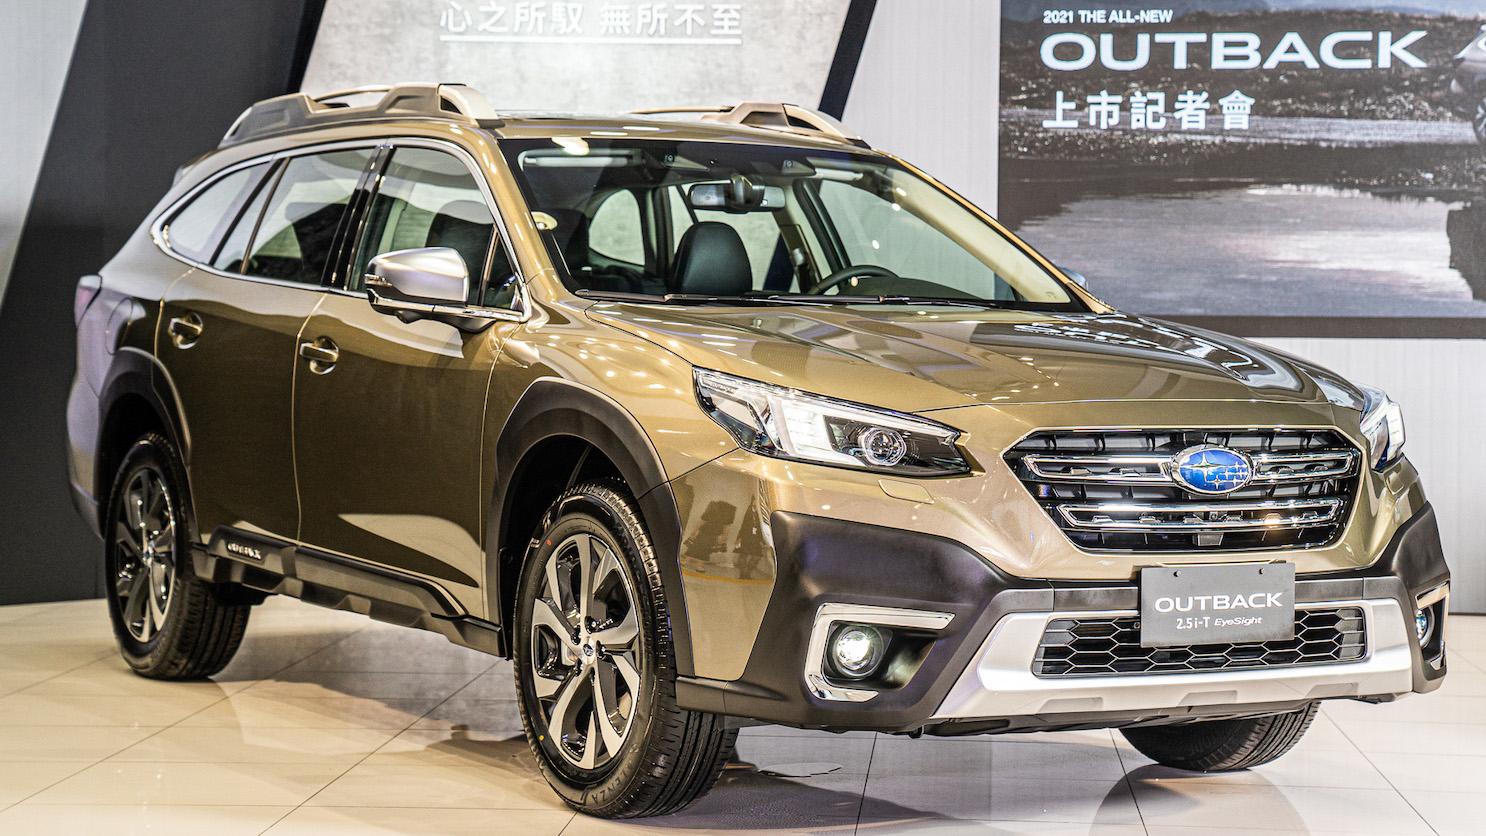 全新 Subaru Outback 標配 Level 2 輔助,單一車型 159.8 萬